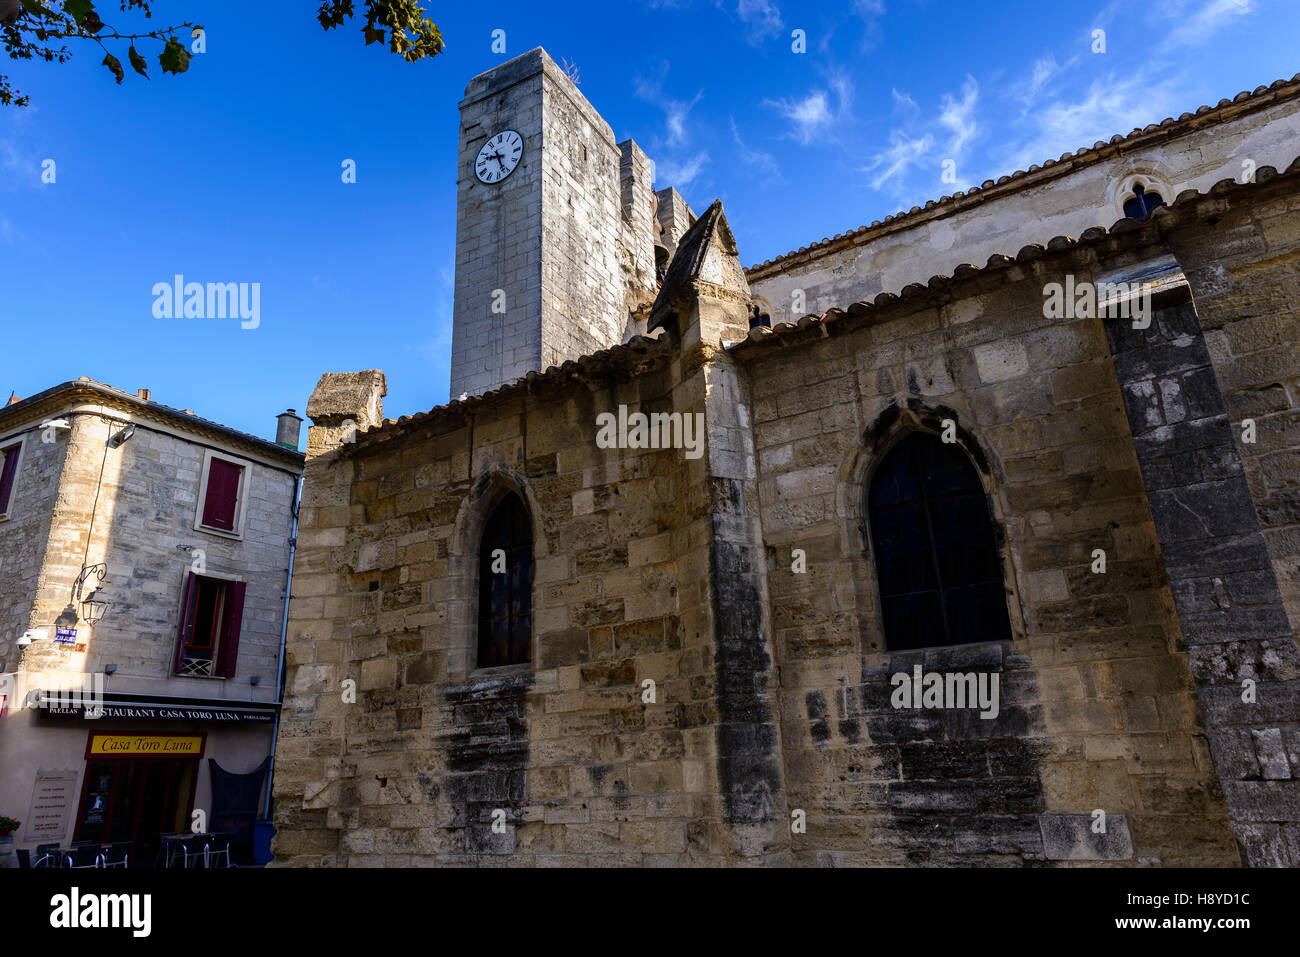 Eglise d'Aigues Mortes les Ramparts Camargue France 30 - Stock Image